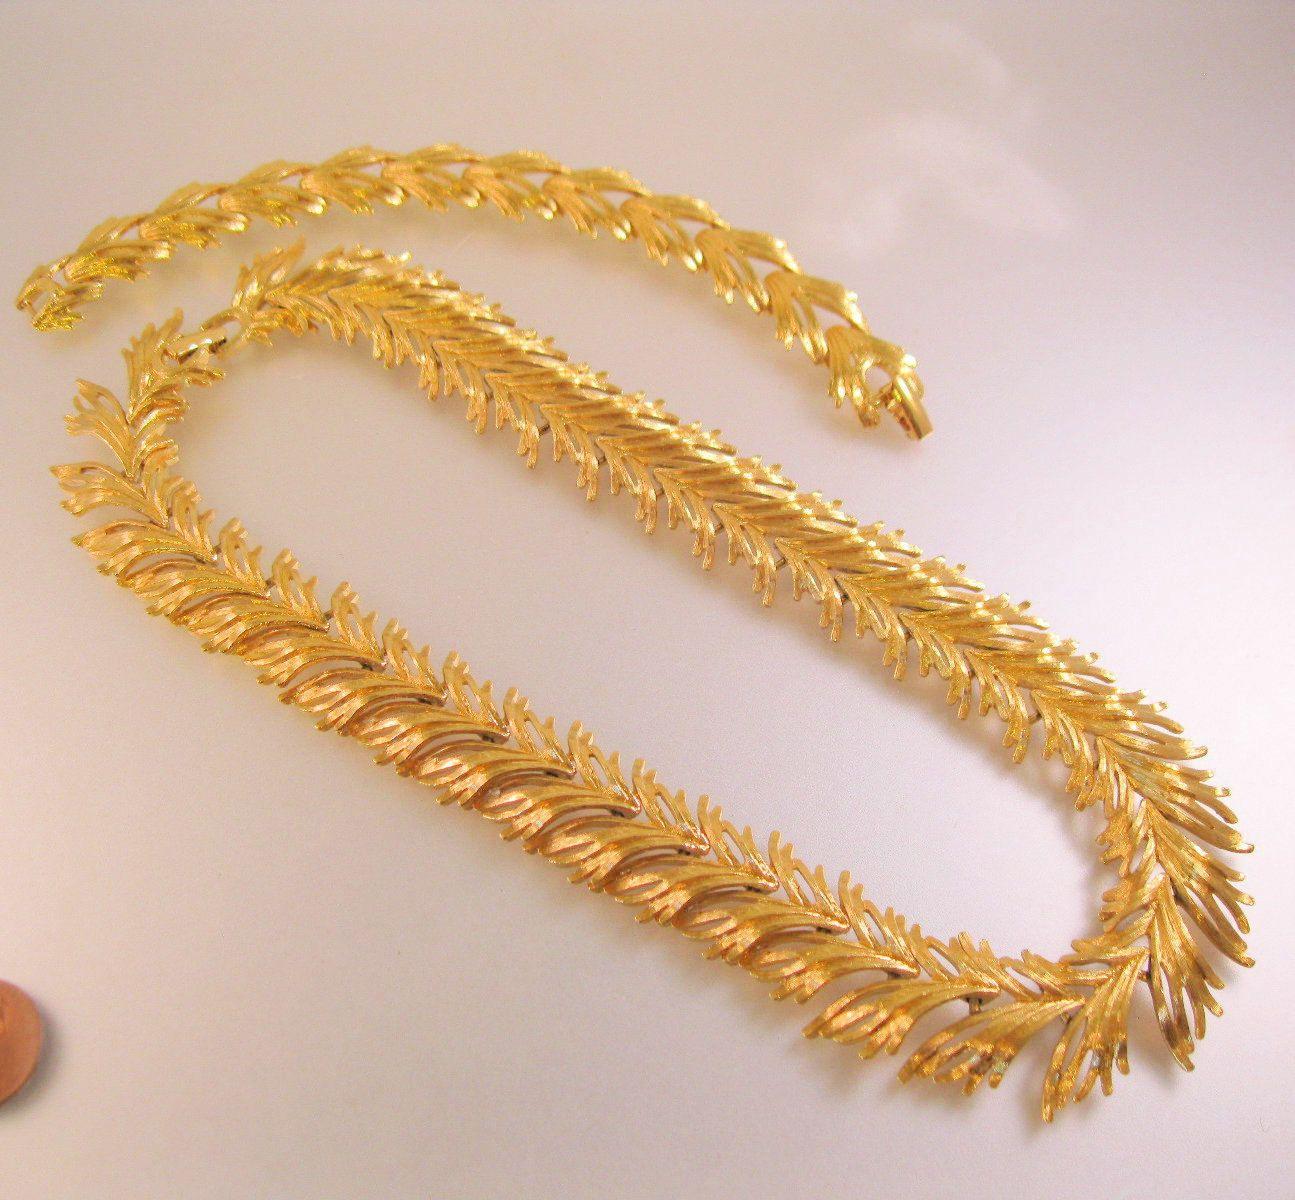 2499 Vintage MONET Gold Plated Necklace Bracelet Set Leaf Branch